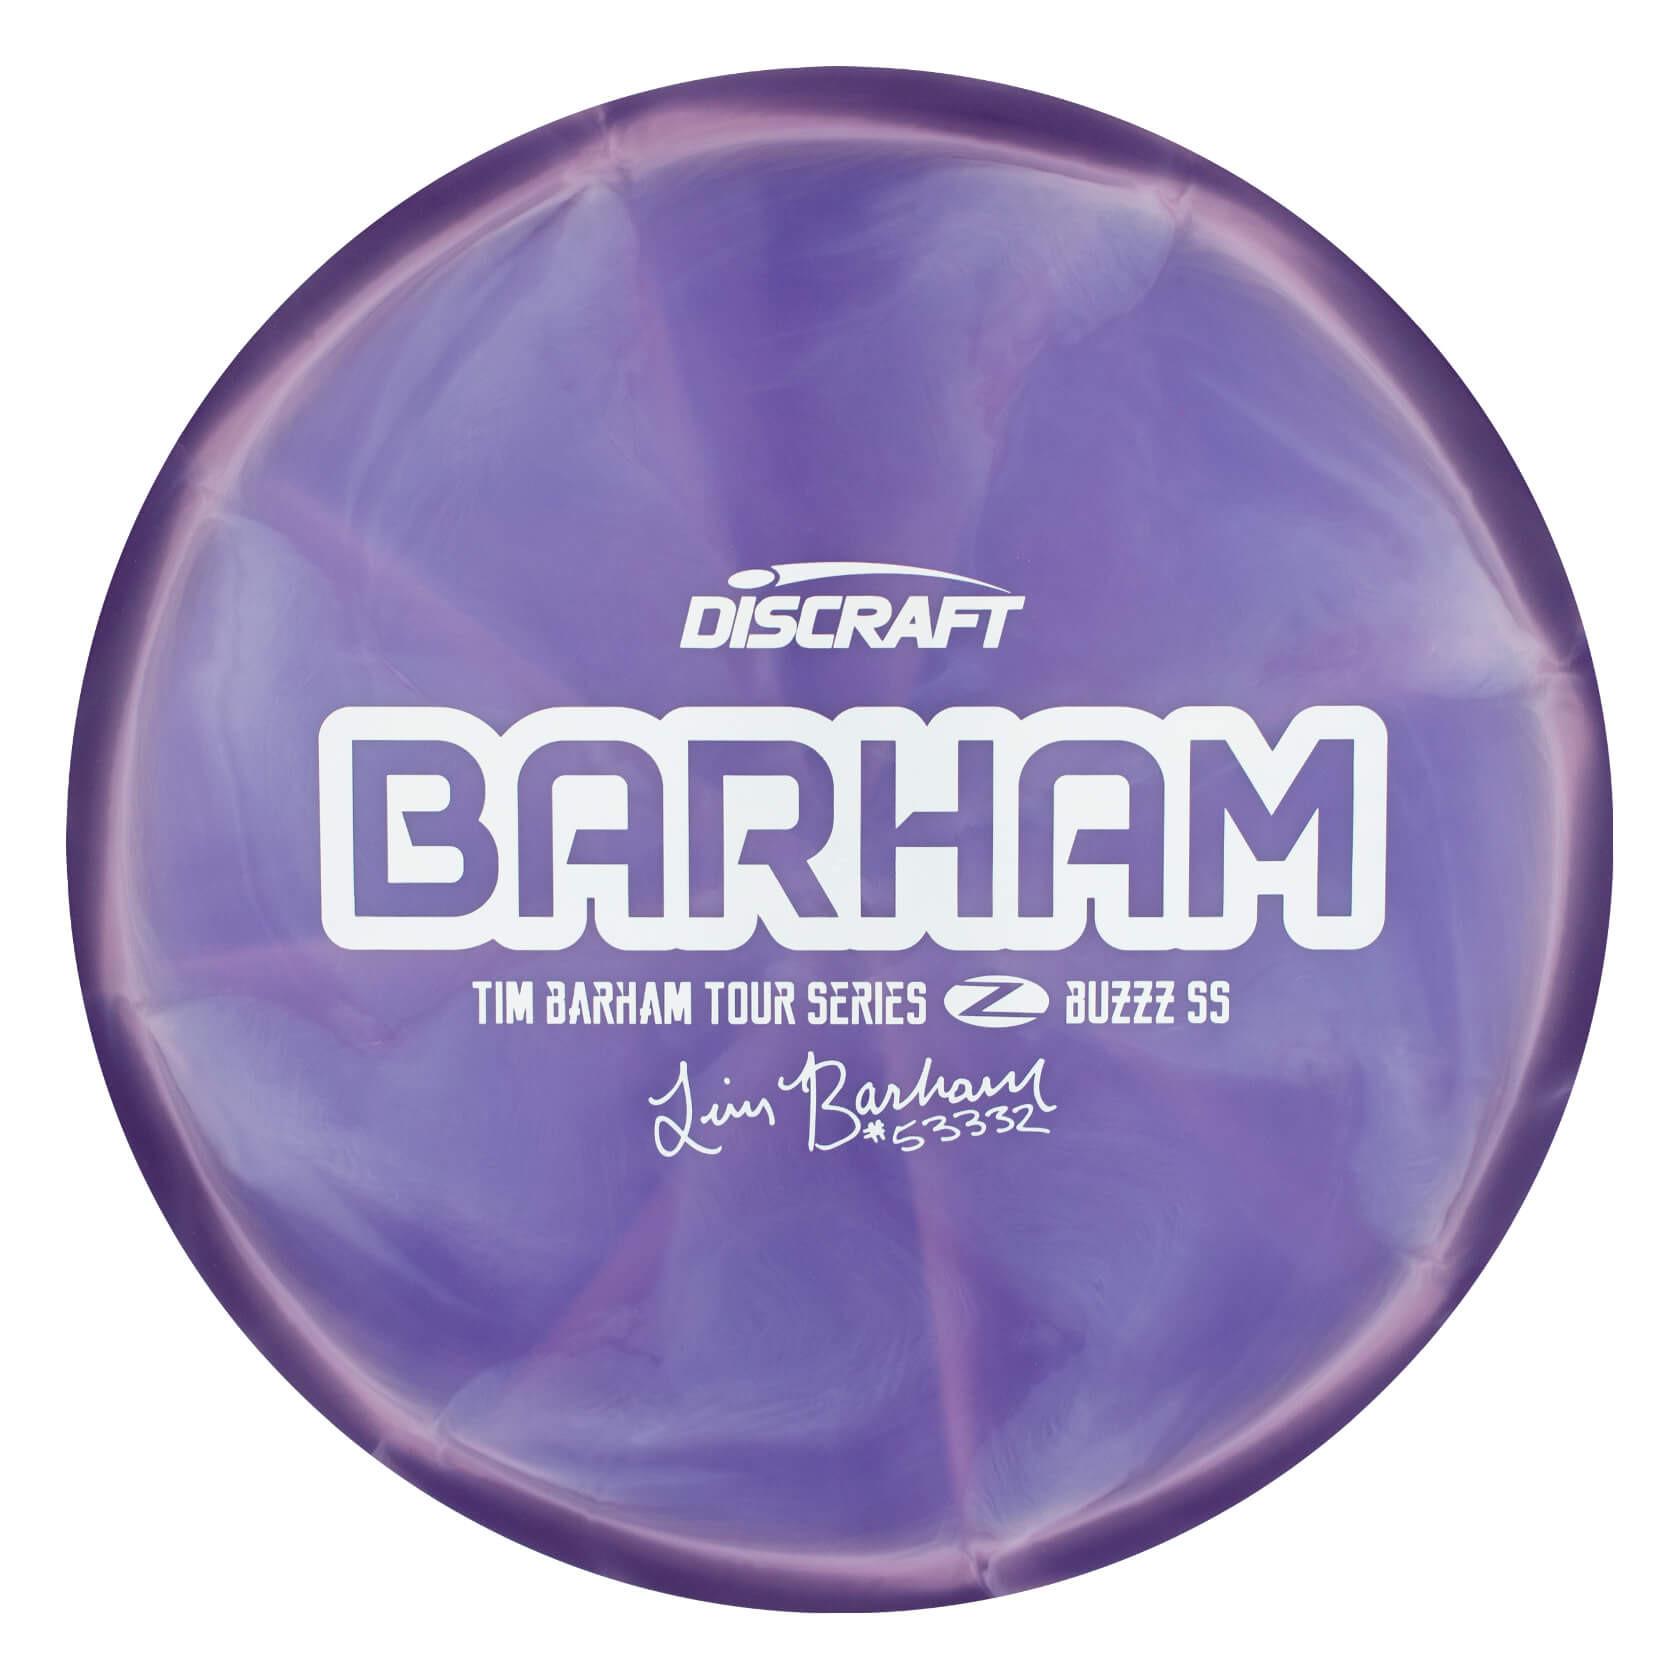 Discraft Swirly Z Buzzz SS Tim Barham Tour Series